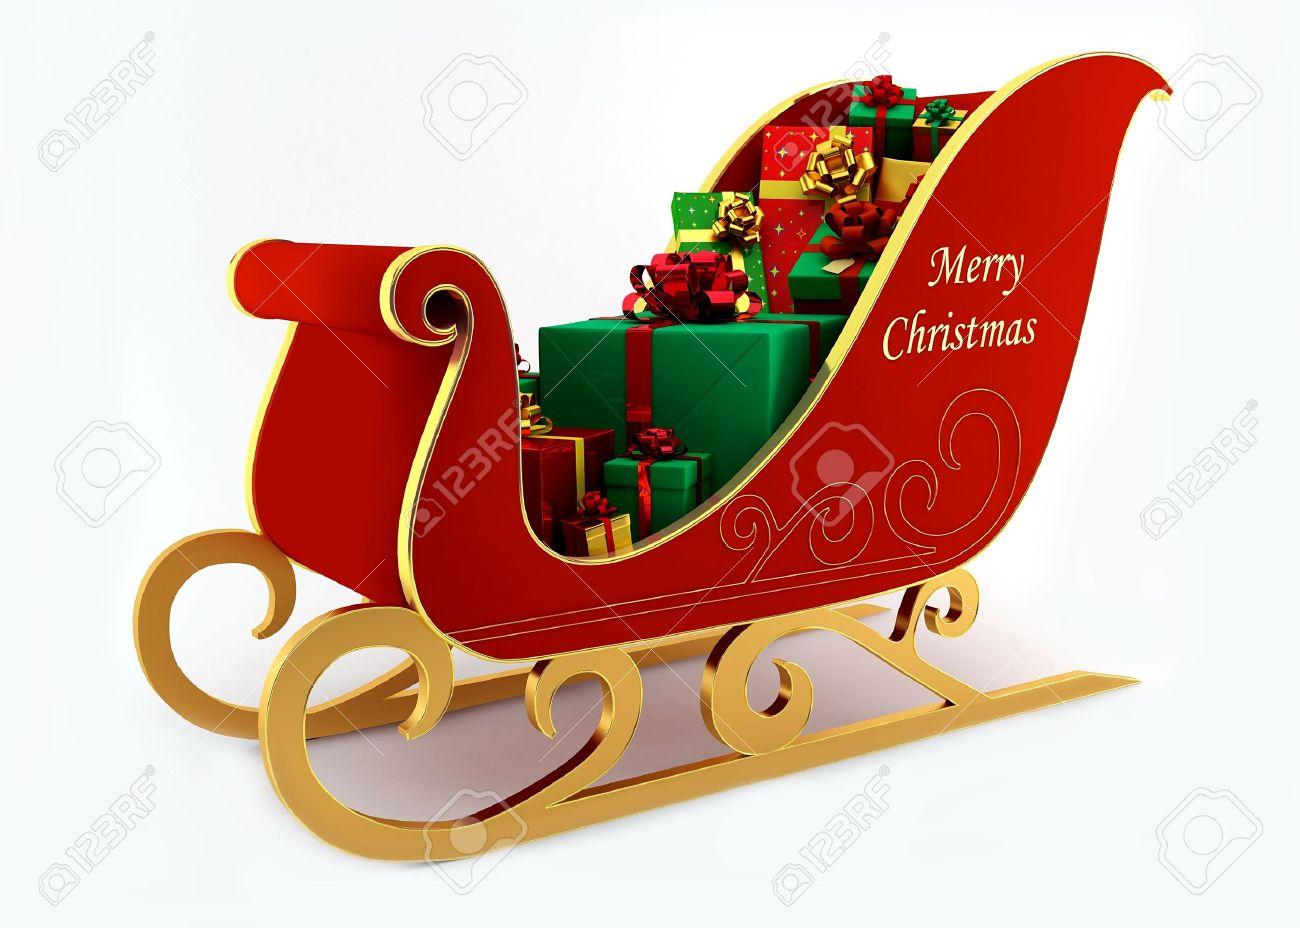 Weihnachtsschlitten Mit Geschenken Auf Weißem Hintergrund ...